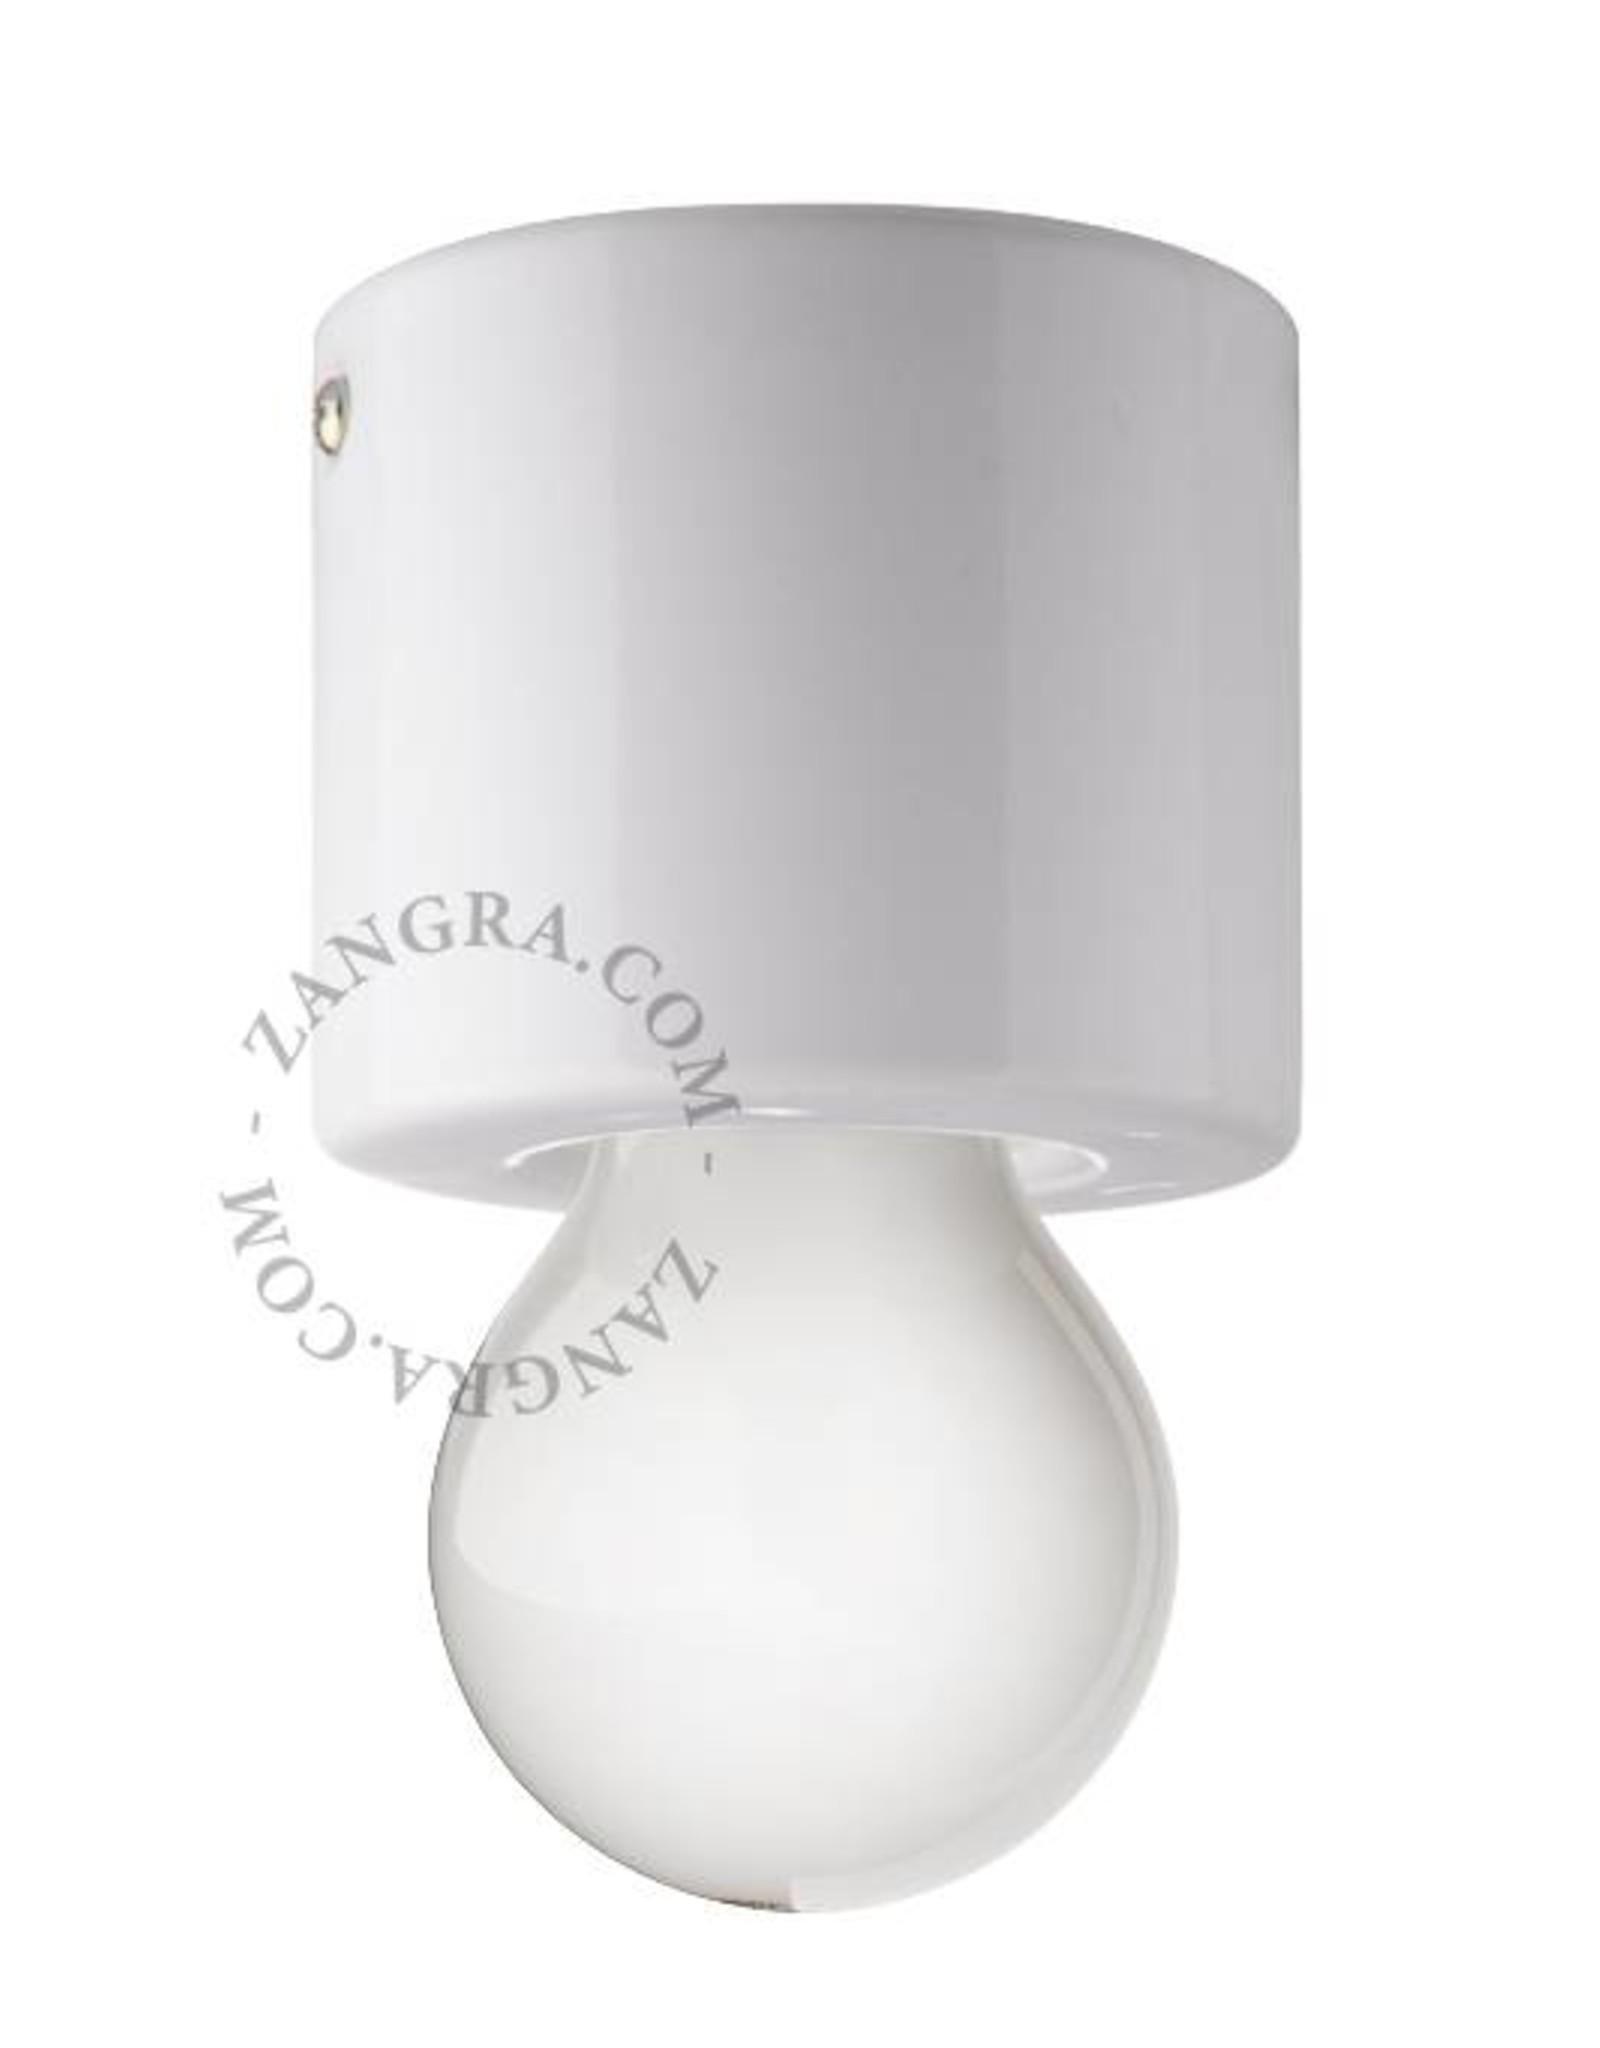 Zangra Ceiling lamp - white - porcelain